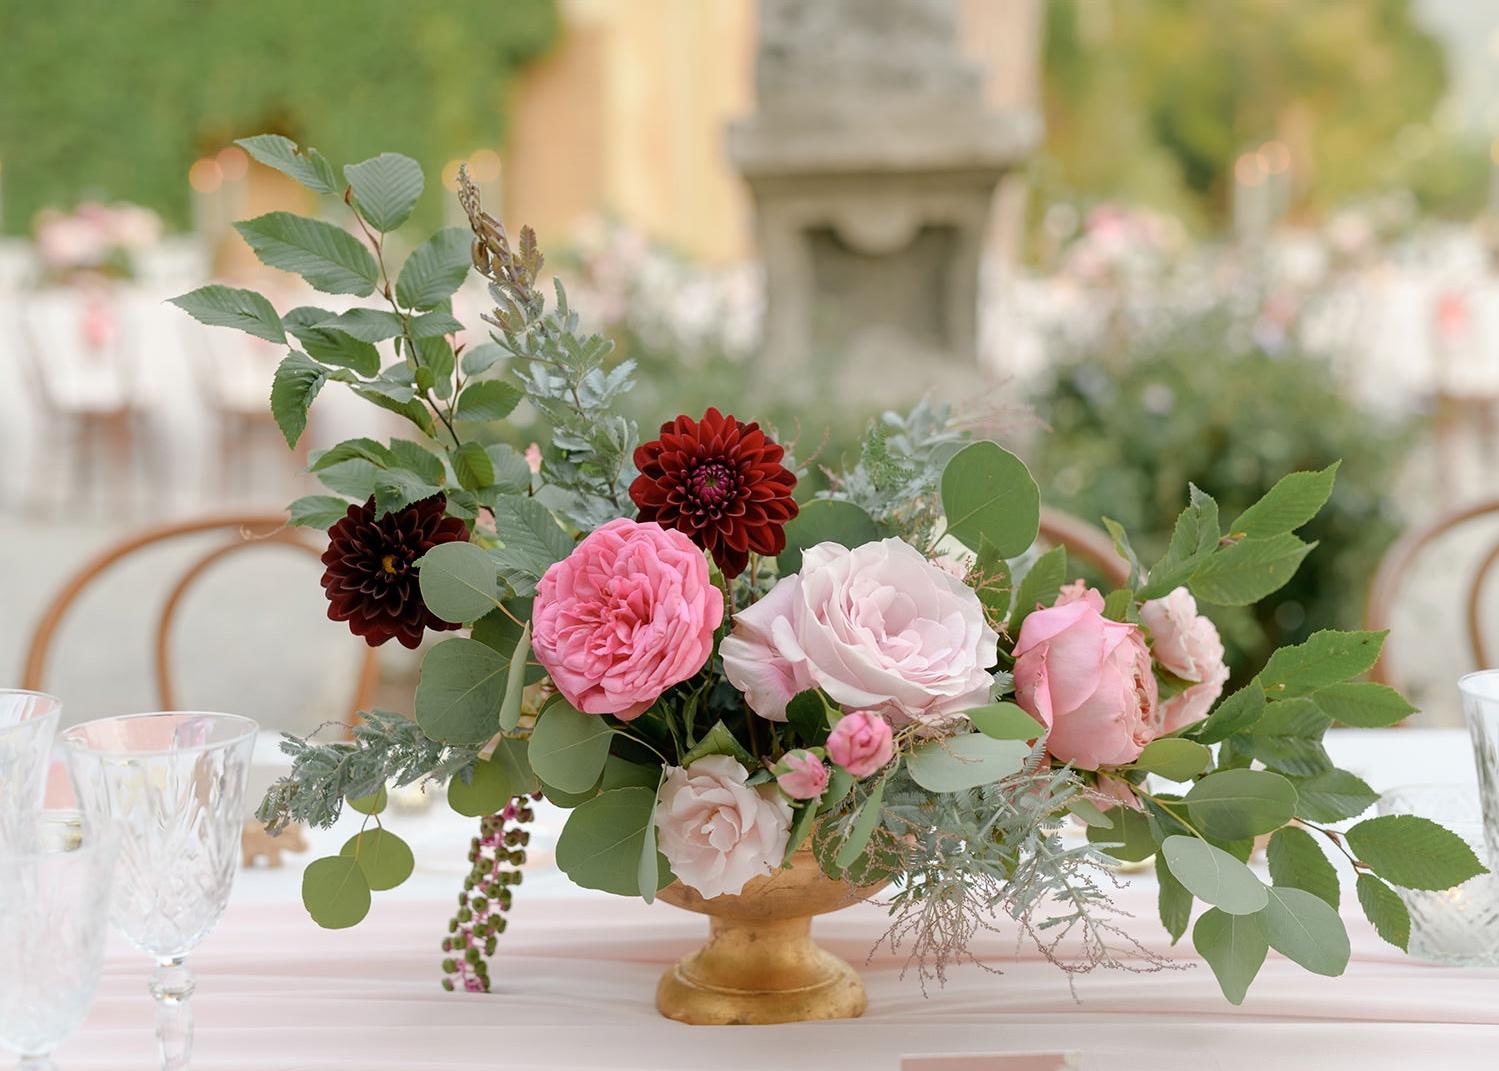 villa-pizzo-wedding-photographer-F&E-©bottega53-65.JPG